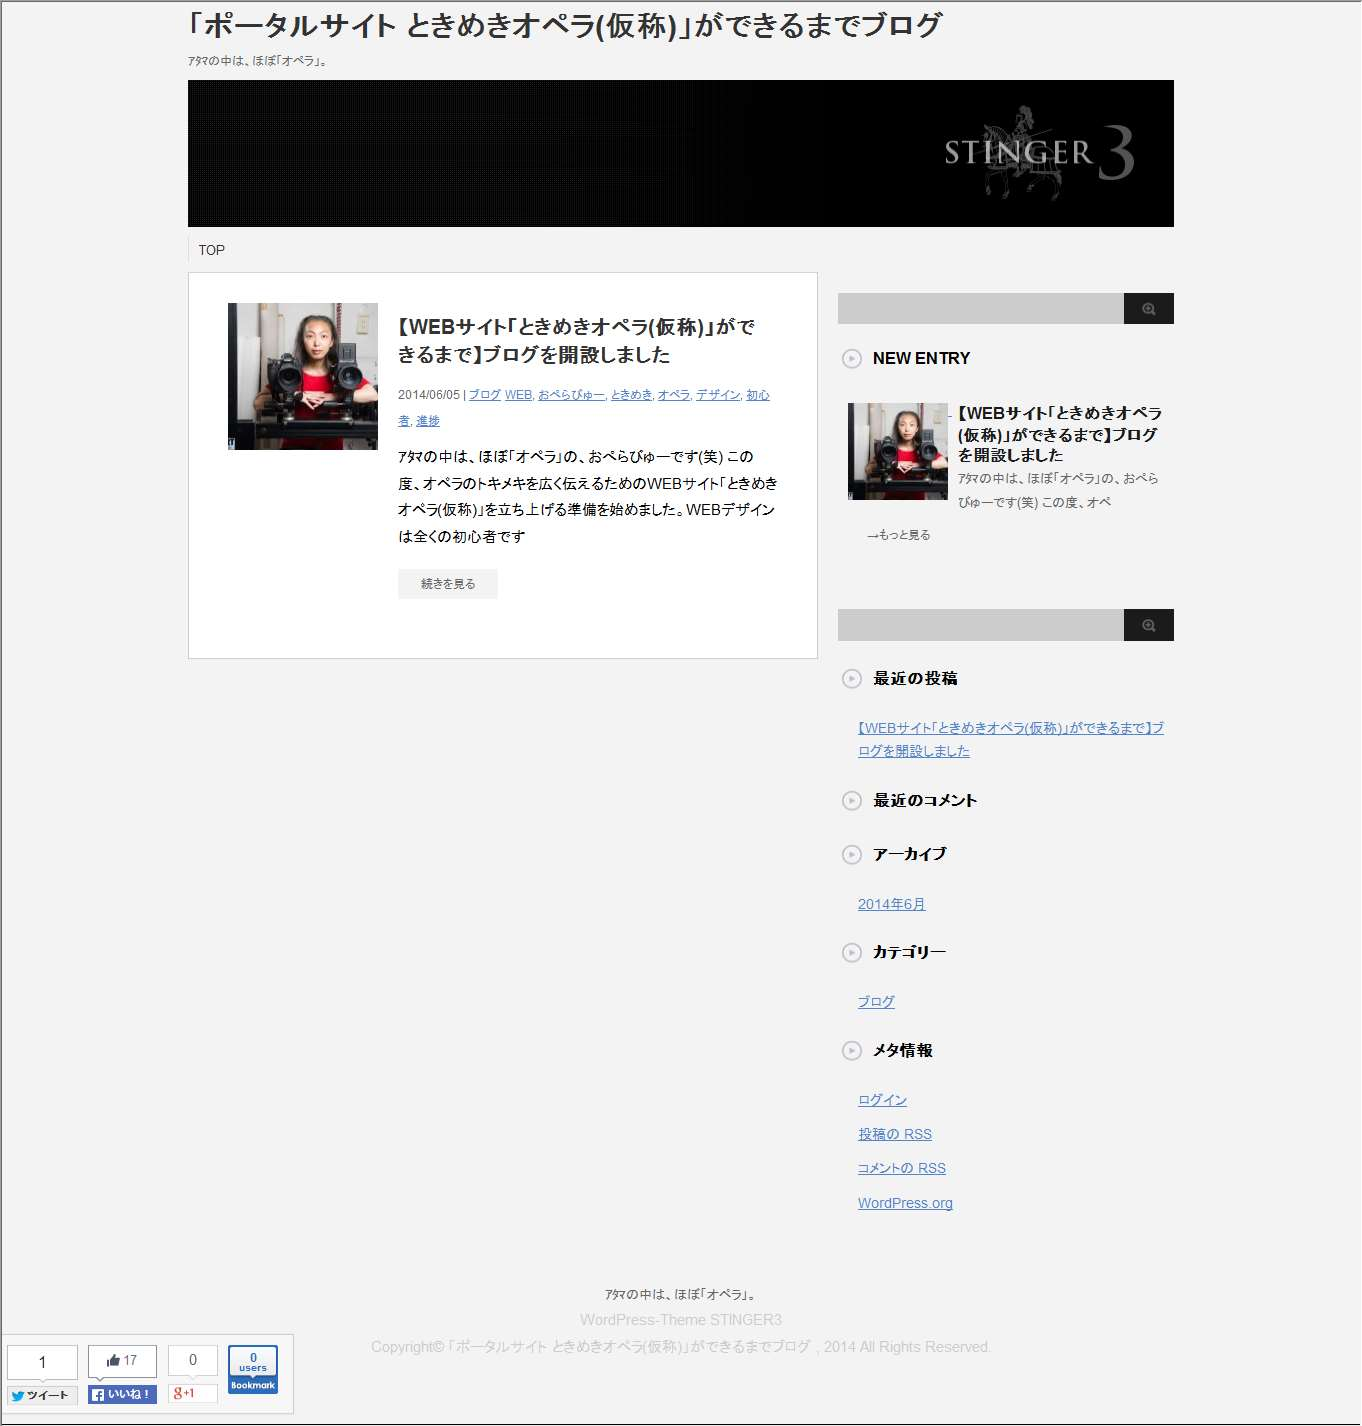 いきなり名称変更(汗)→「ポータルサイト ときめきオペラ(仮称)」ができるまでブログ